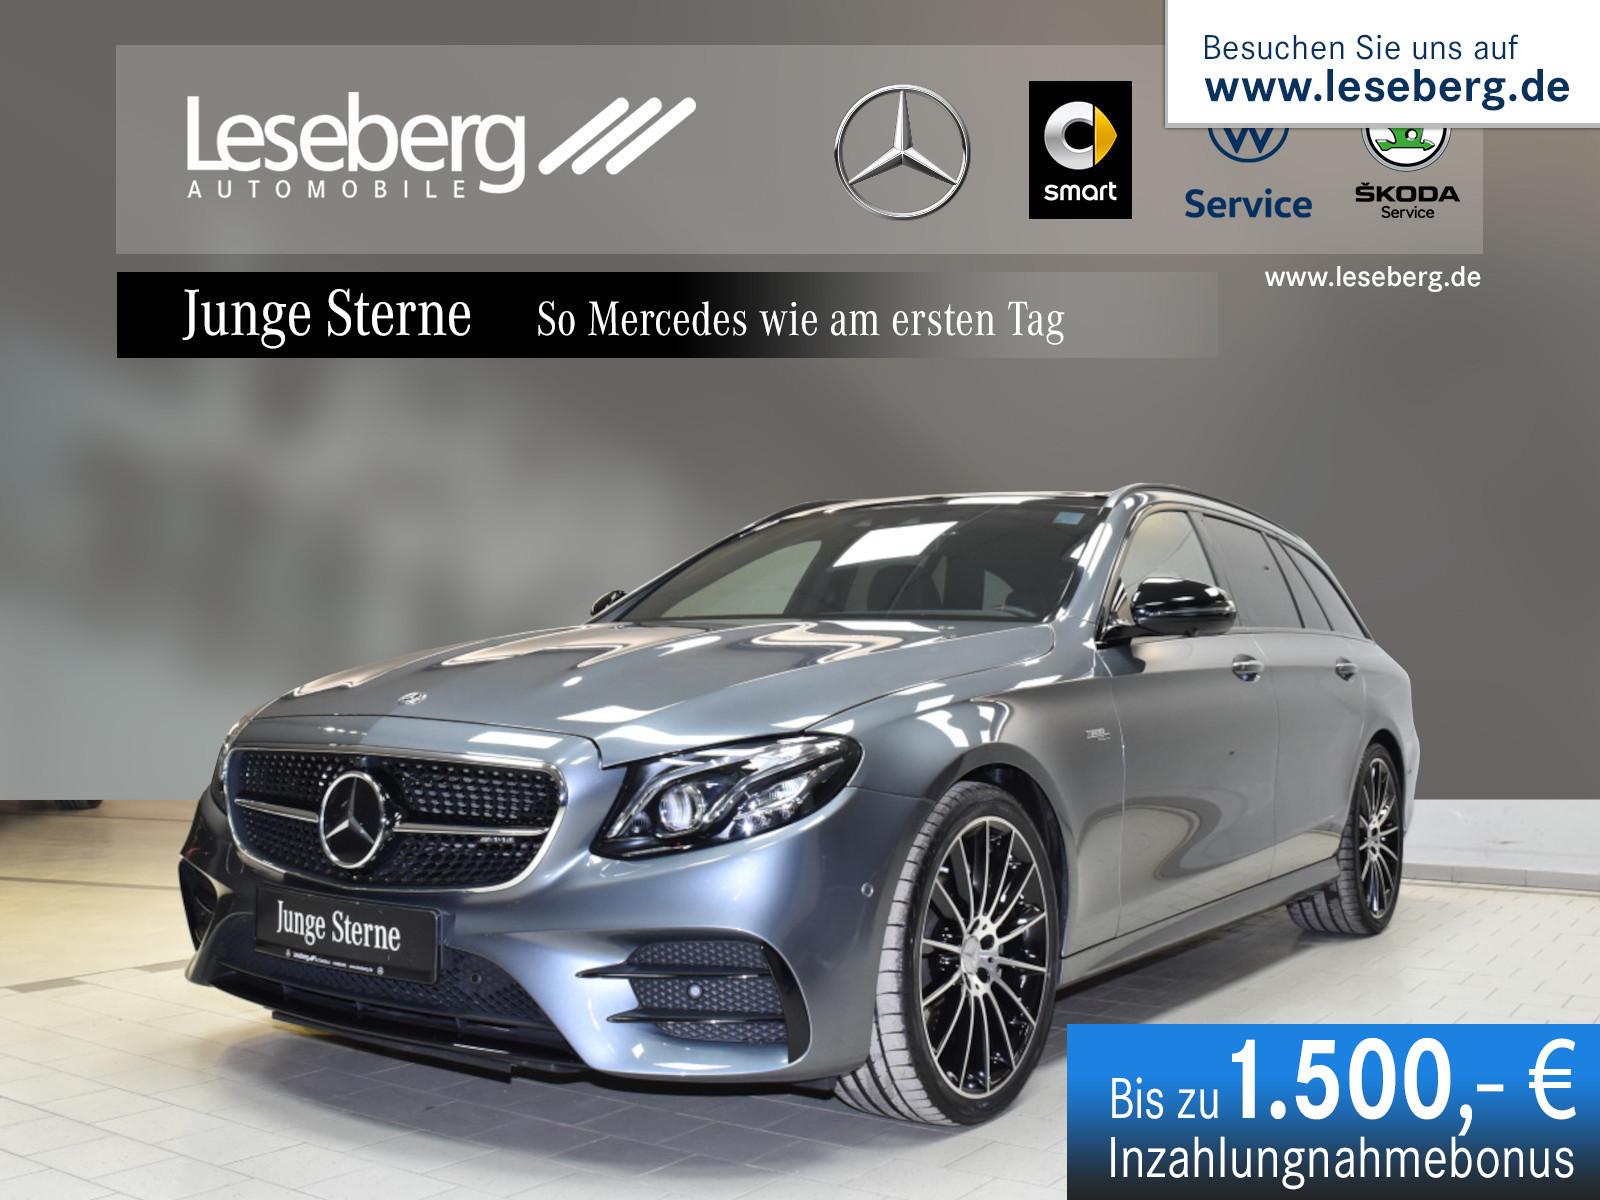 Mercedes-Benz Mercedes-AMG E 53 4M+ T Night/Burmester/Fahrass., Jahr 2019, Benzin